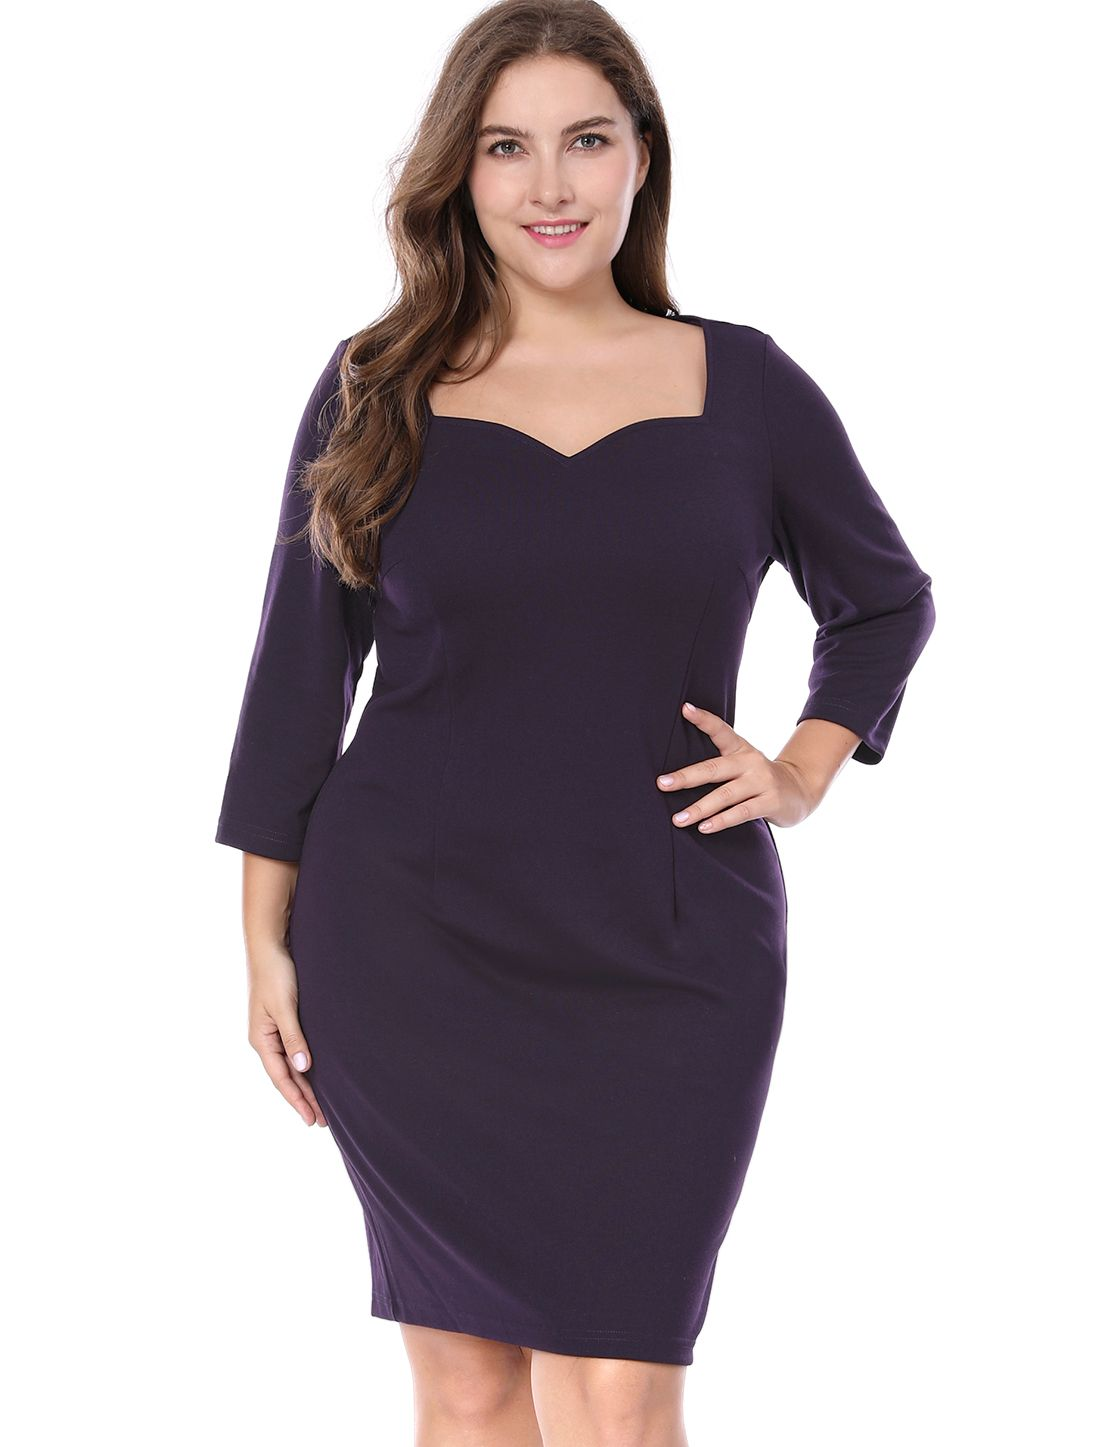 dd887931934 Women Plus Size 3 4 Sleeve Sweetheart Party Sheath Dress - Dress